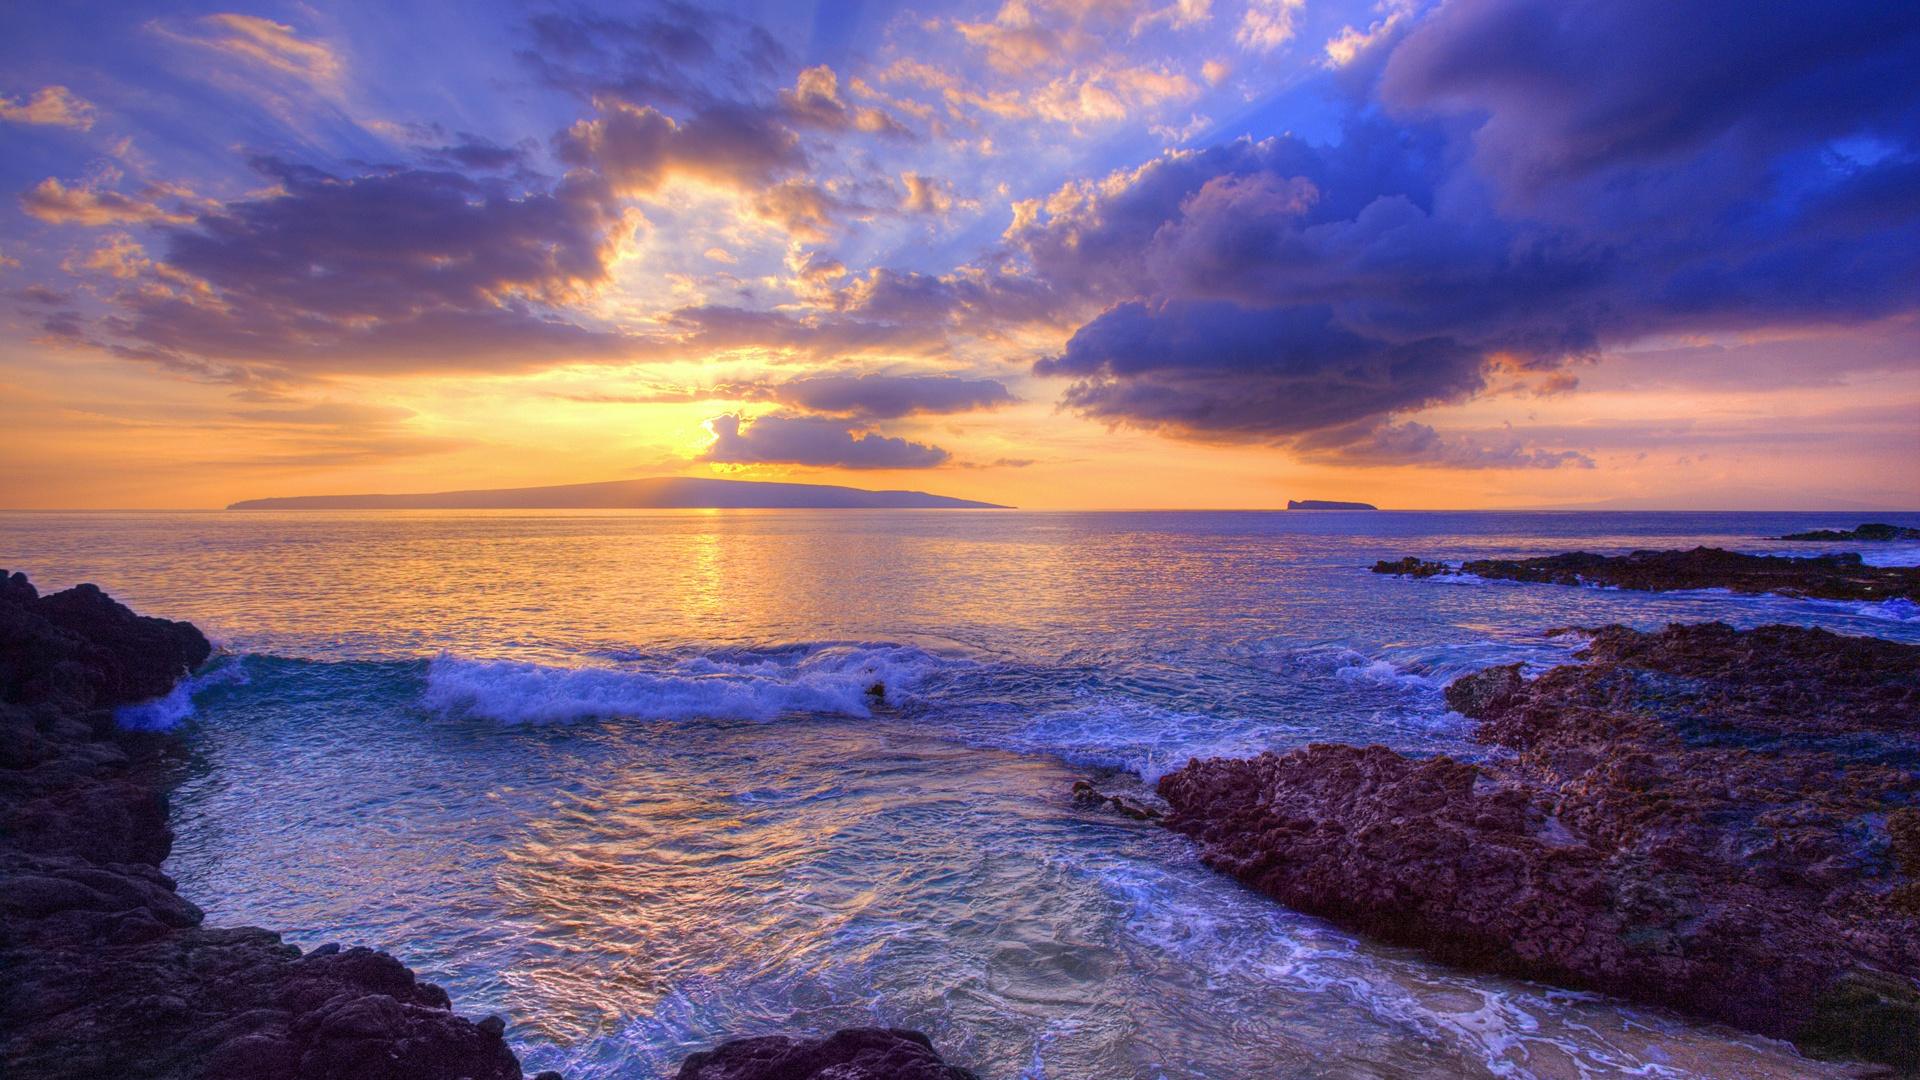 Wallpaper Sunset At Secret Beach Maui Hawaii Usa 1920x1200 Hd